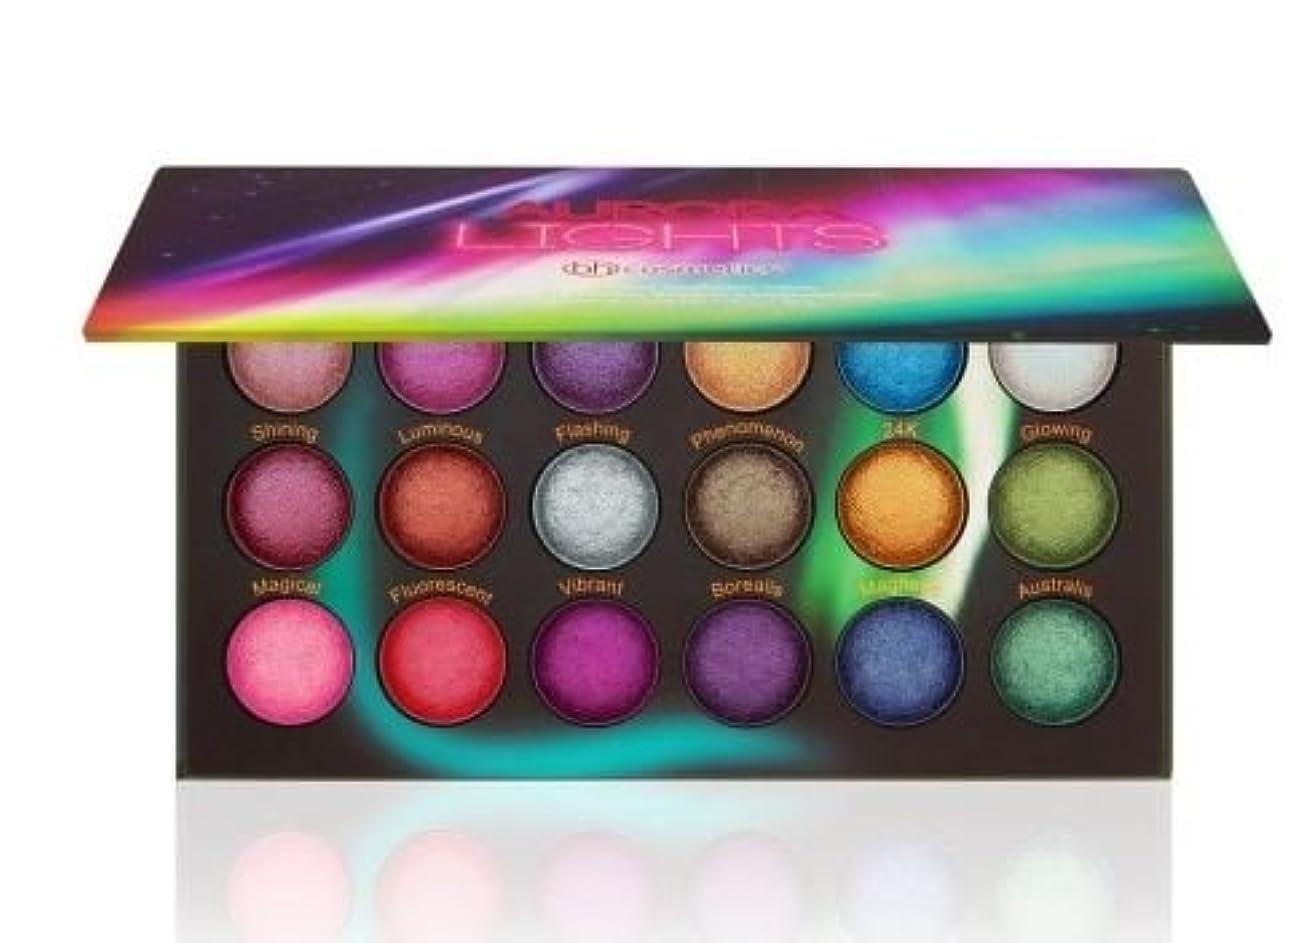 ヒステリック予測する愛撫BH Cosmetics Aurora Lights - 18 Color Baked Eyeshadow Palette